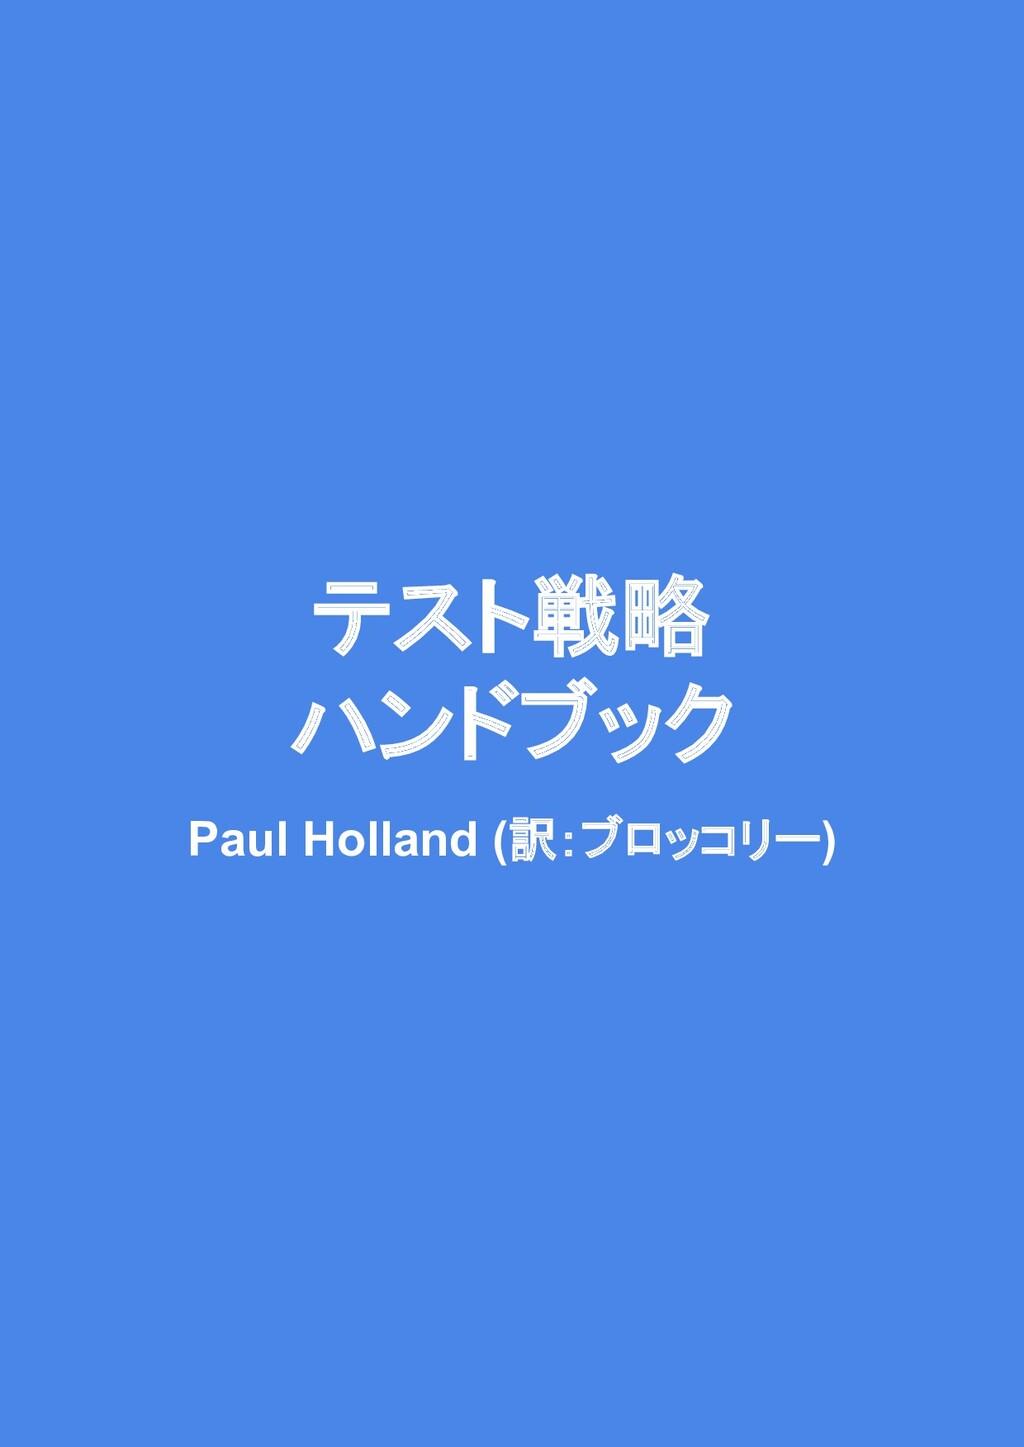 テスト戦略 ハンドブック Paul Holland (訳:ブロッコリー)